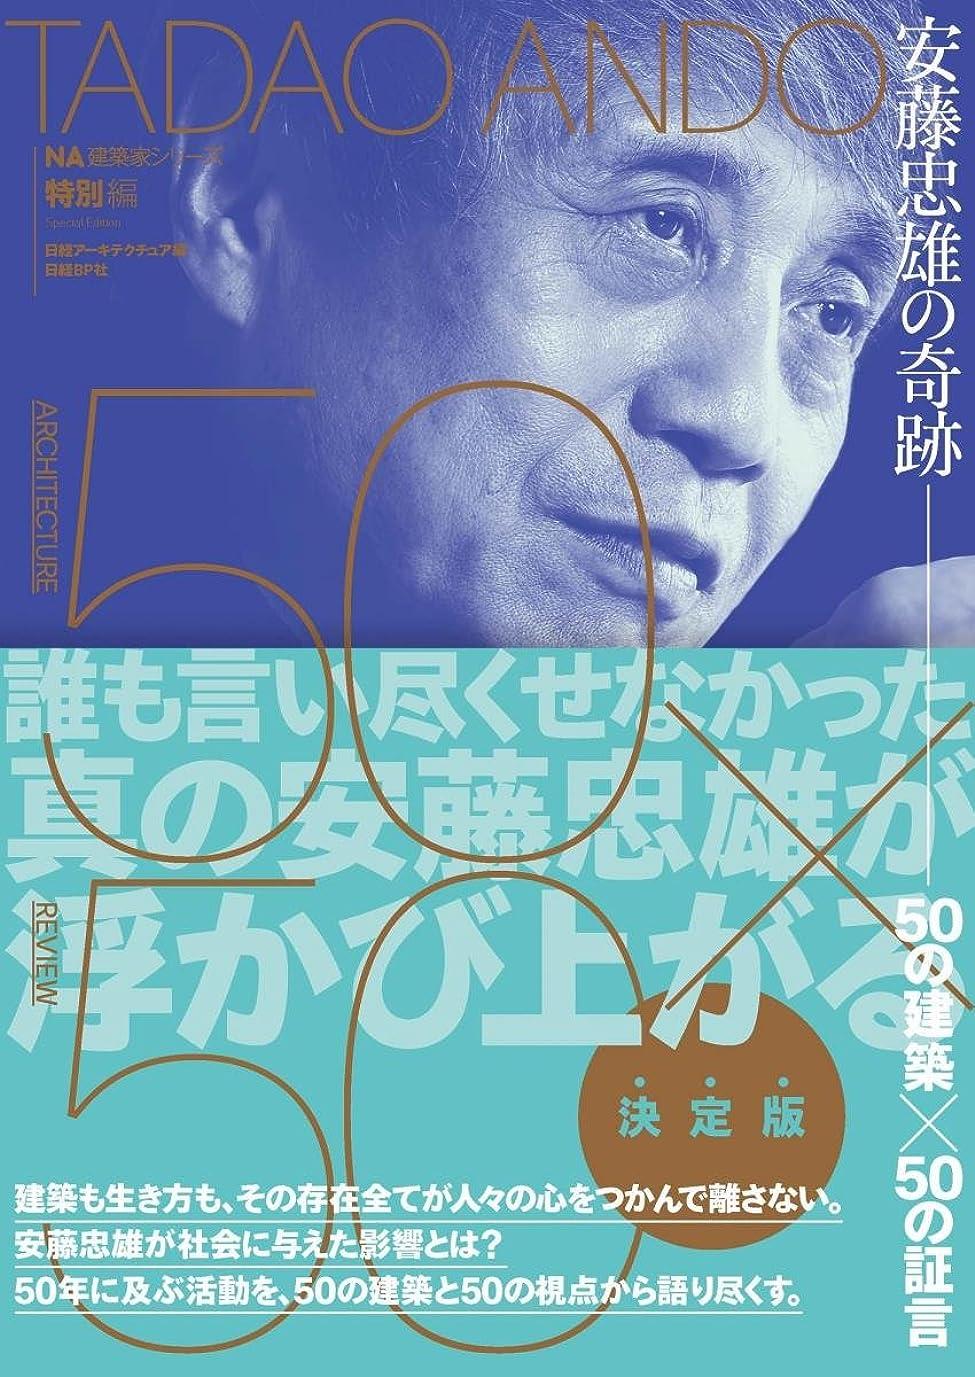 ビートサバント構成谷口吉郎建築作品集